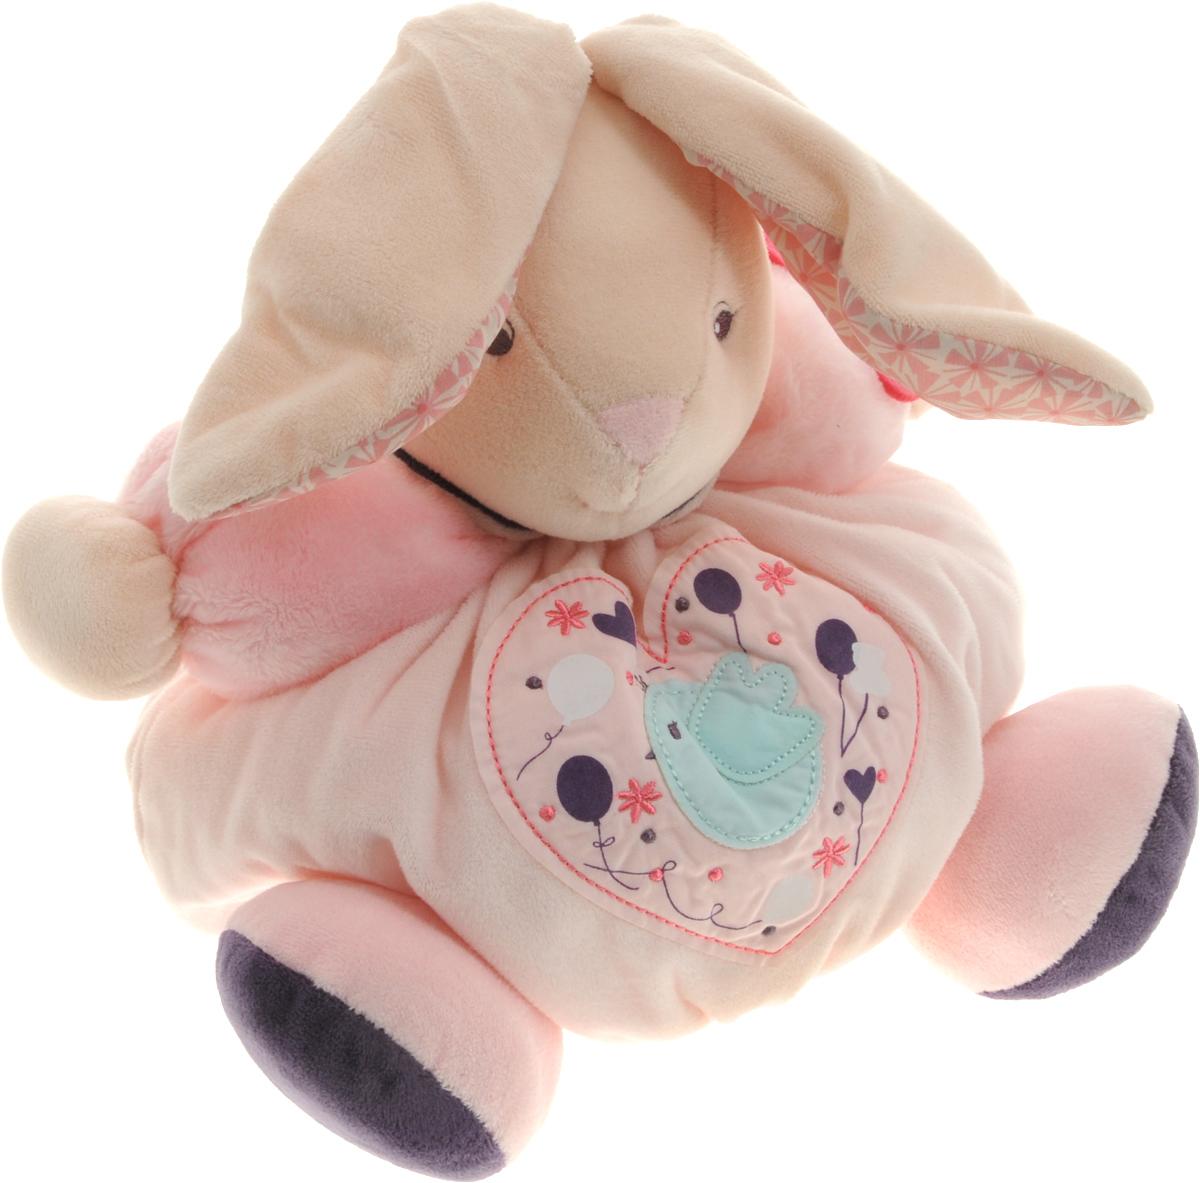 Kaloo Мягкая игрушка Заяц Птичка 23 см мягкие игрушки kaloo заяц большой птичка коллекция розочка